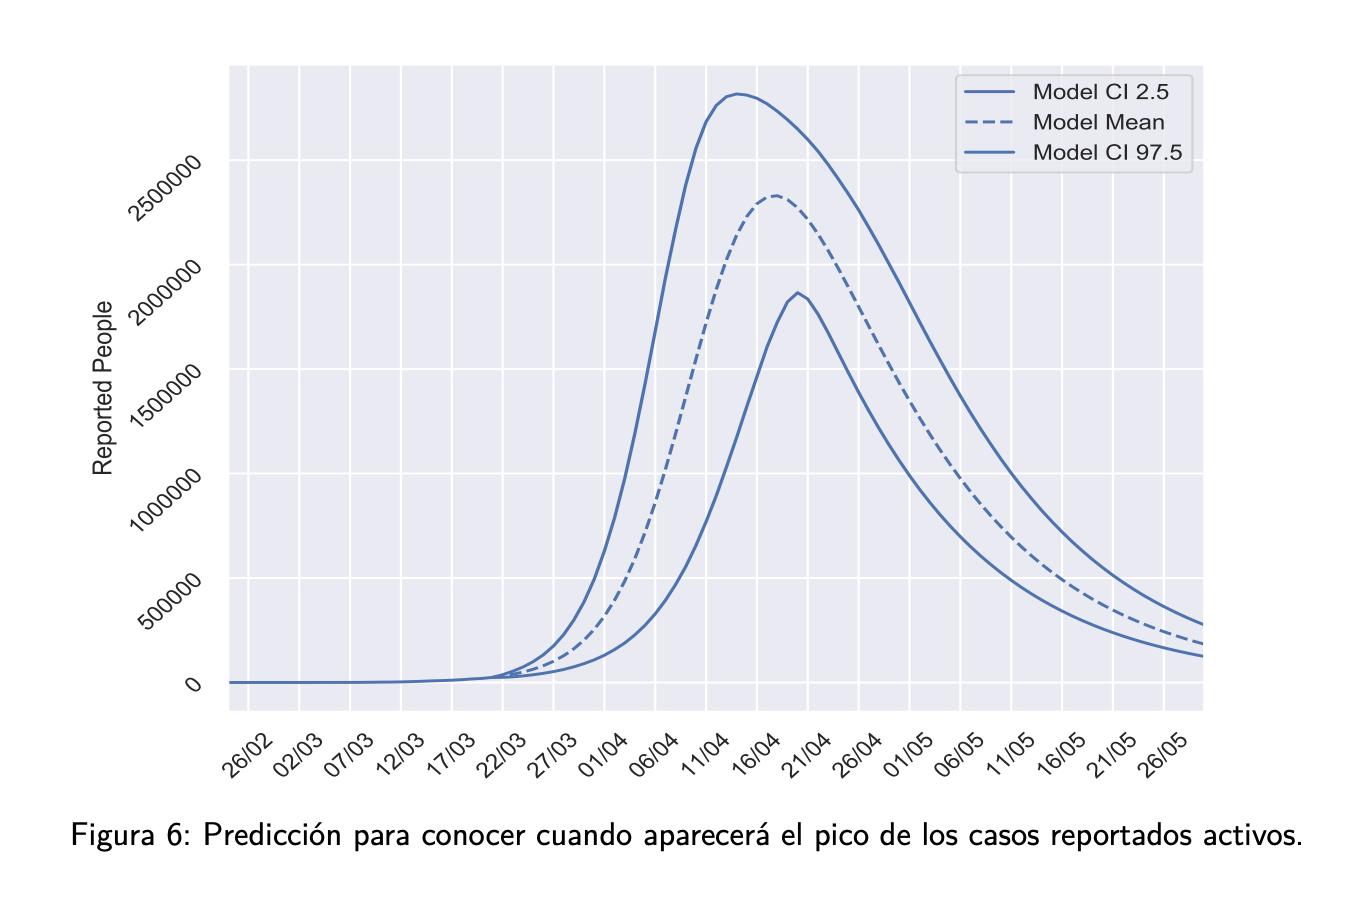 2-curva-contagiados-pico-covid-19-espana